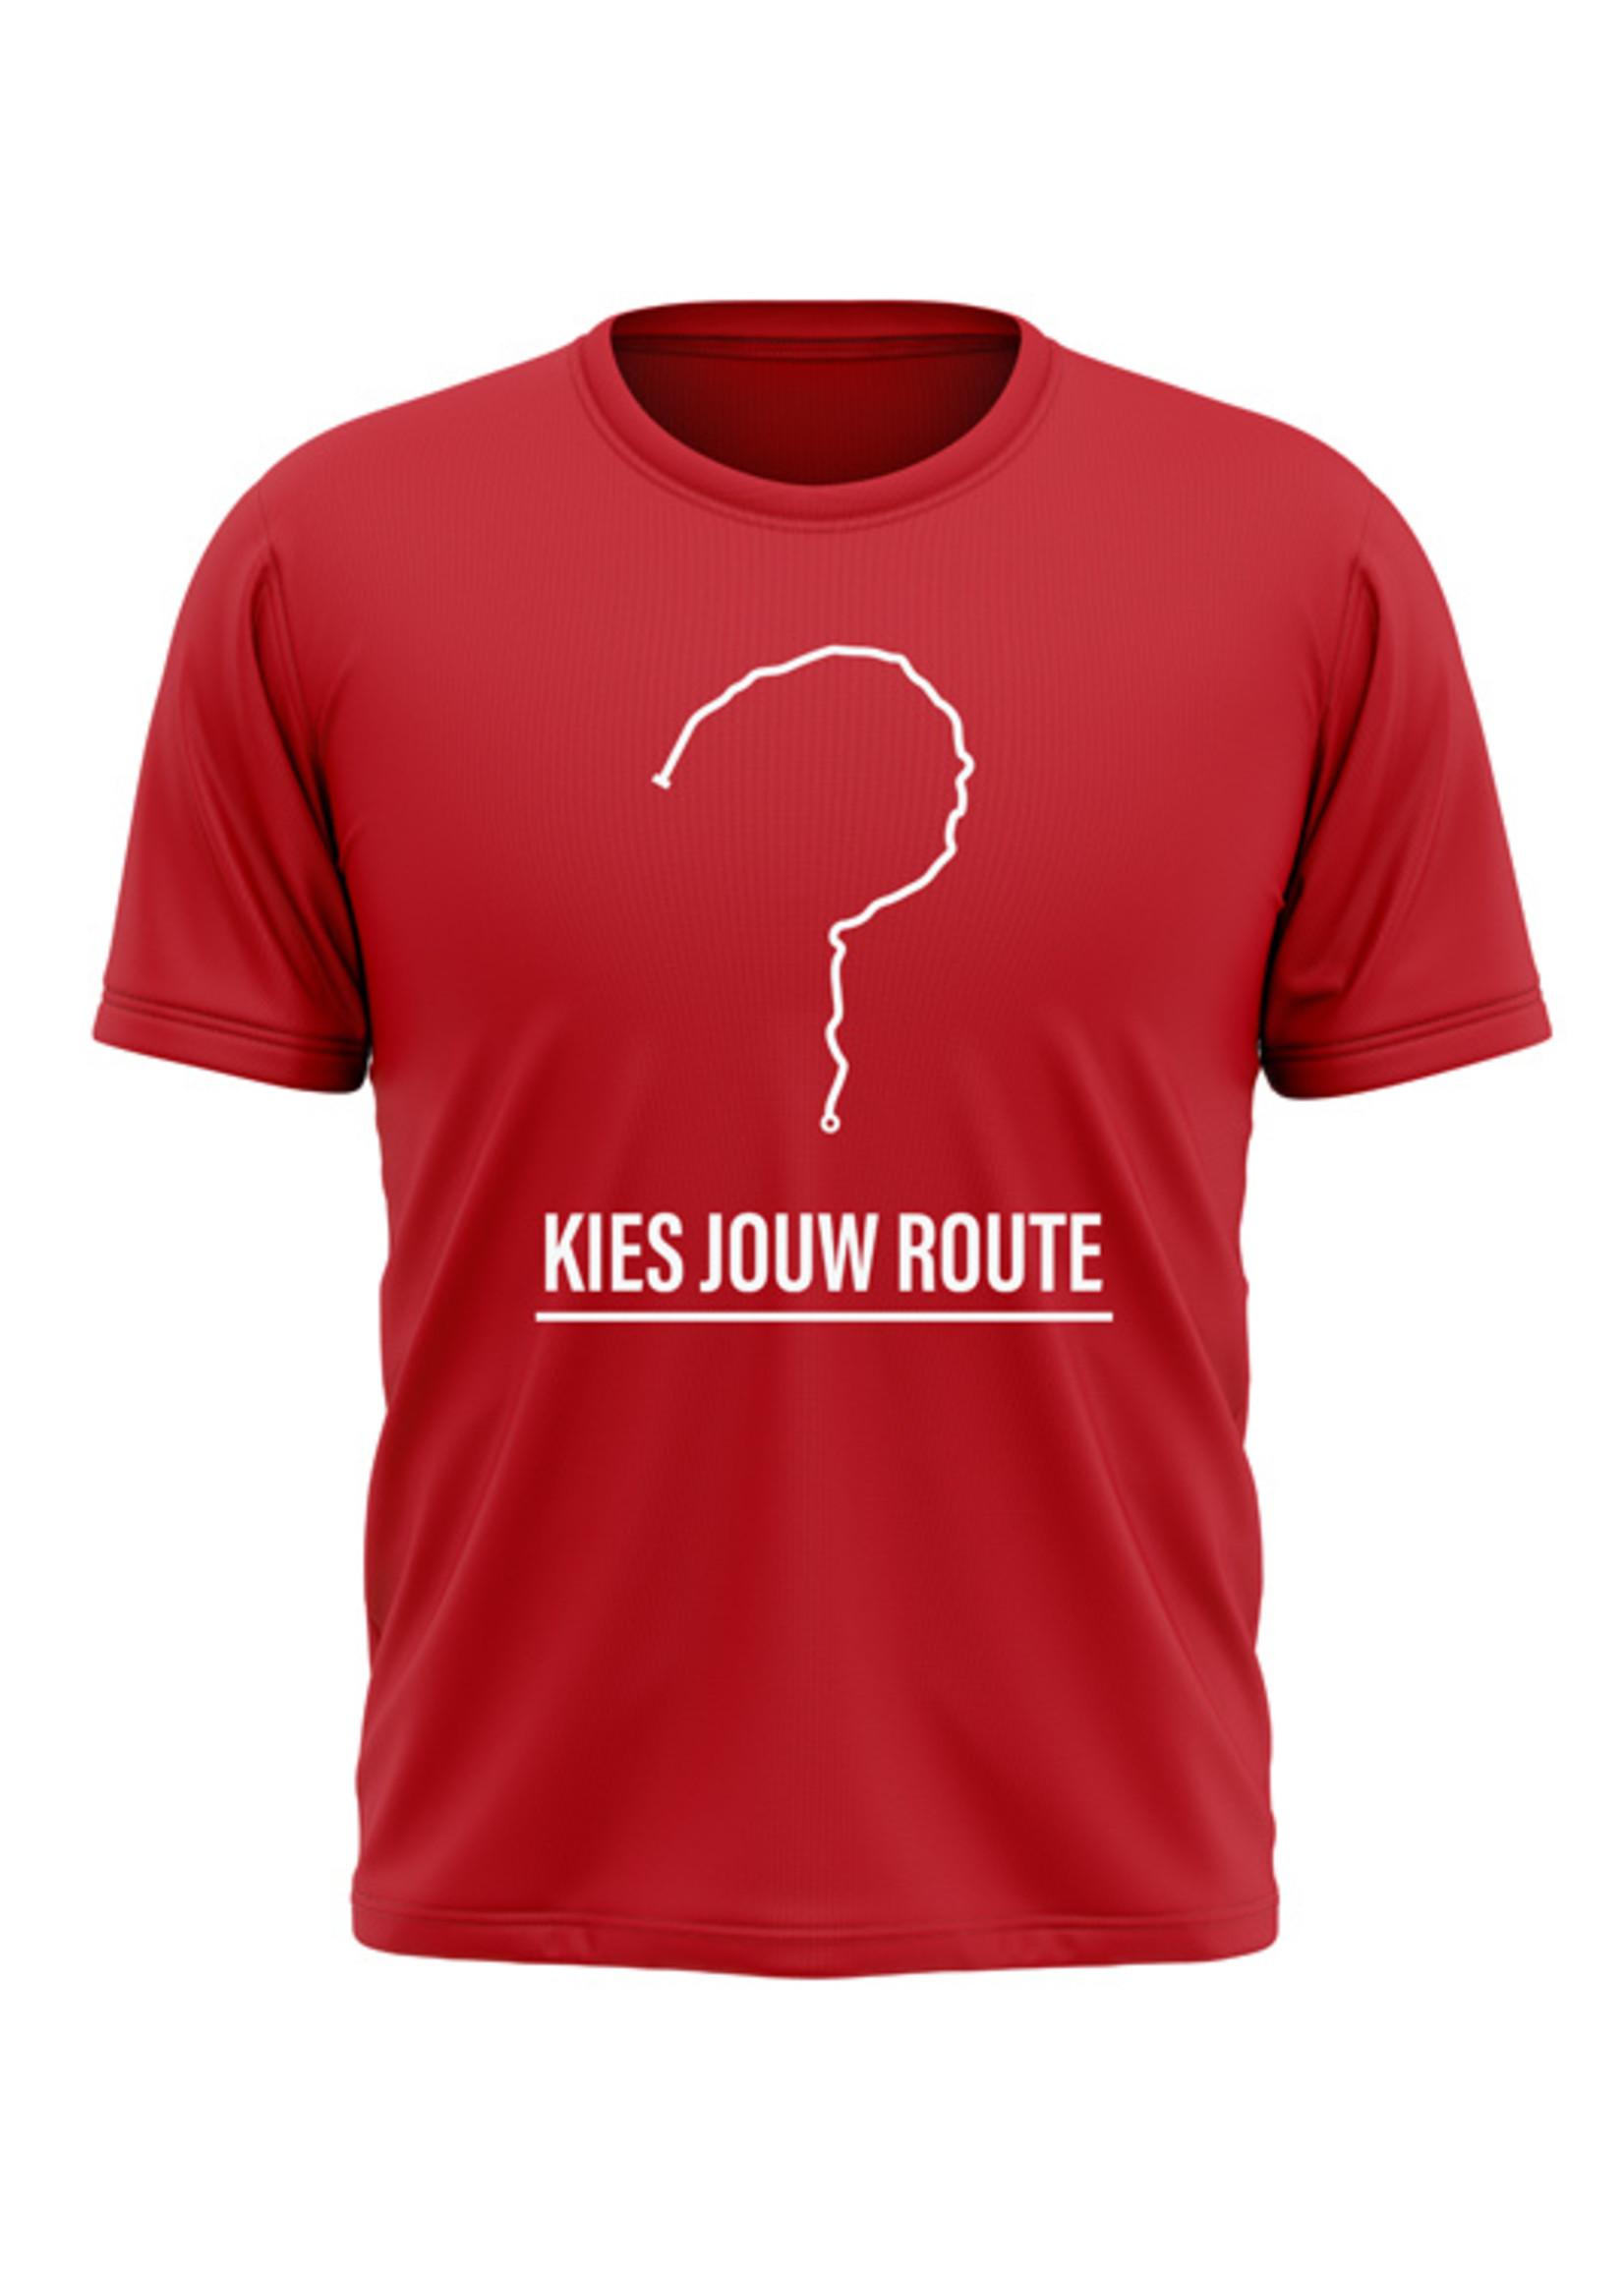 Rebel & Dutch Kies een kleur uit en bestel je eigen route!